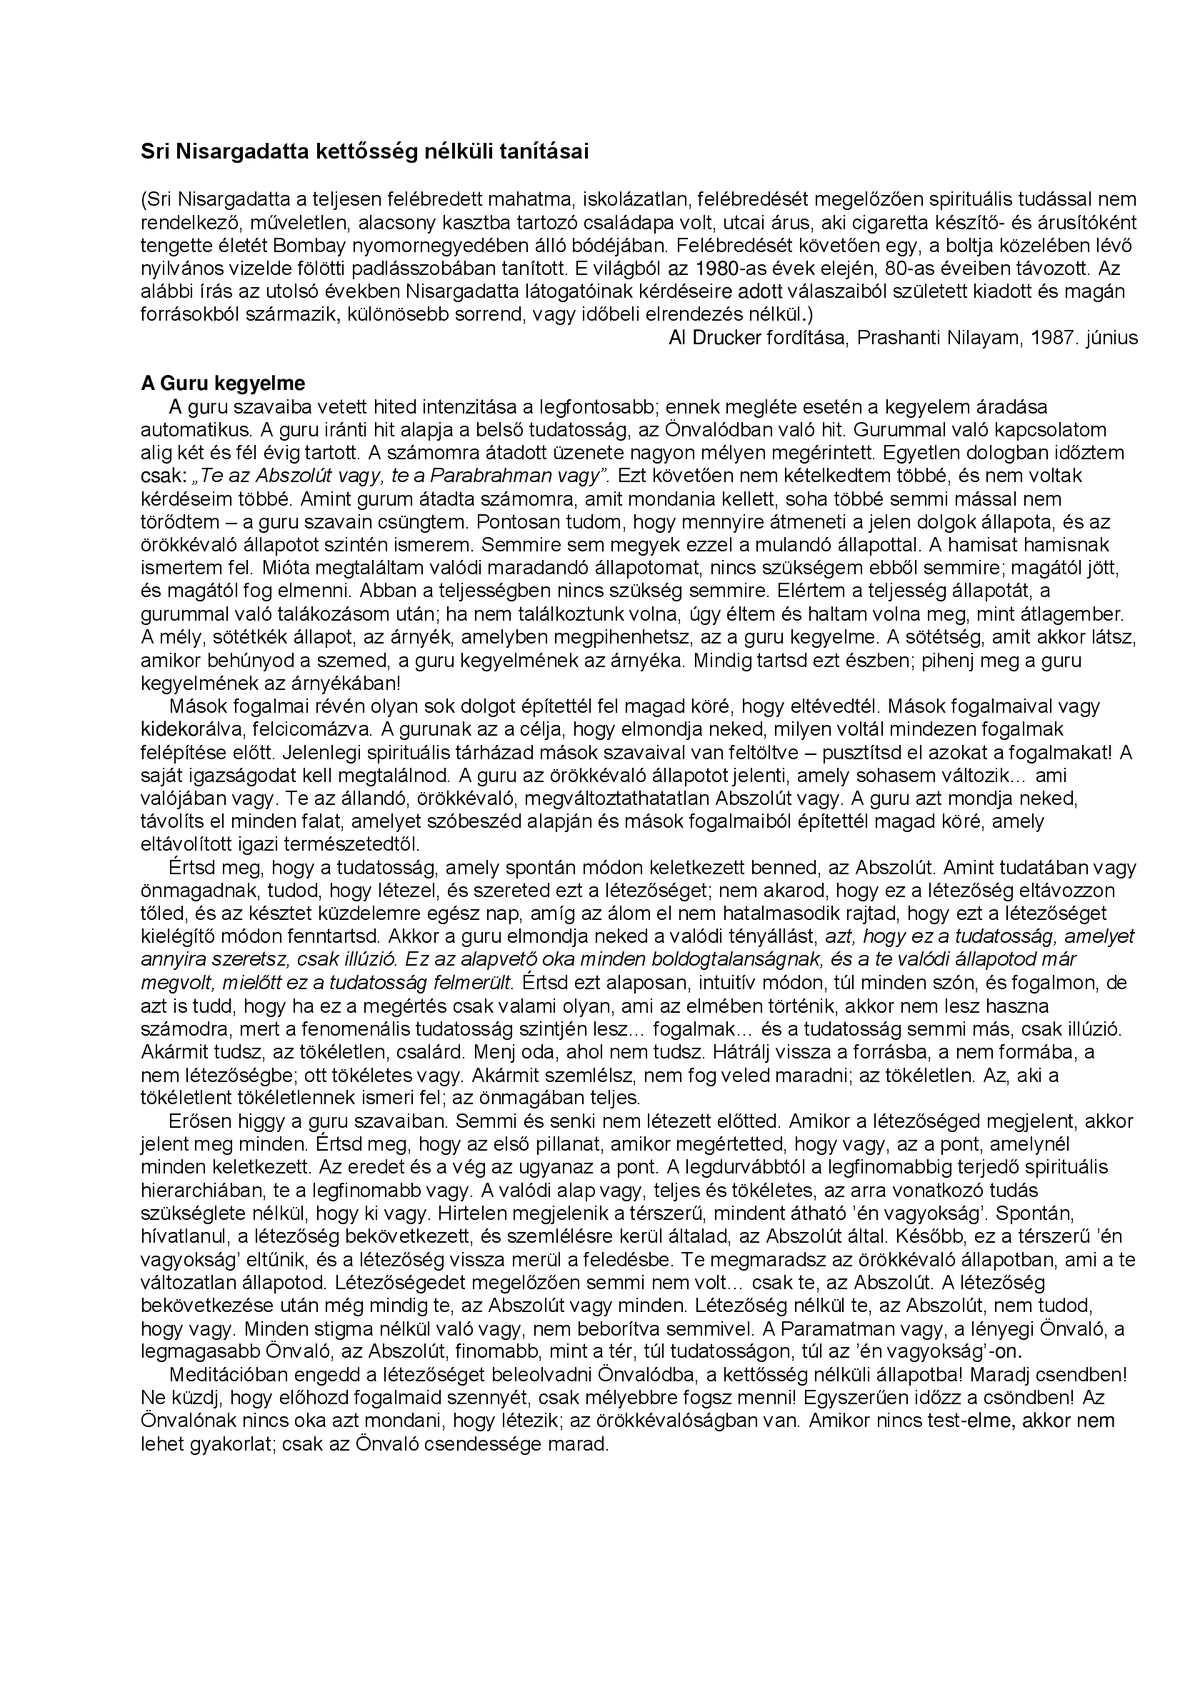 Kettőslátás | hopehelycukraszda.hu